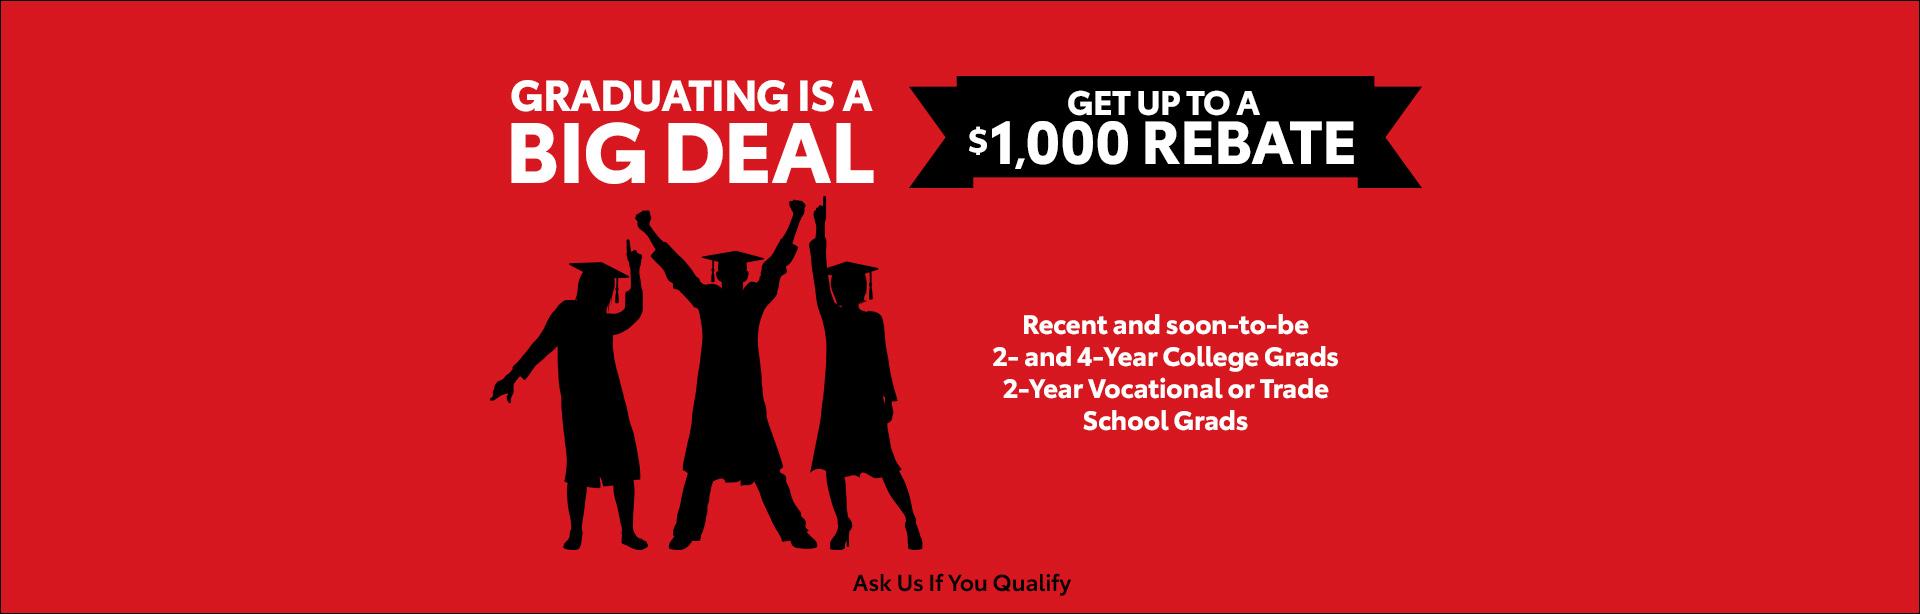 09-21_01_New-England-Toyota-Dealers-February-2021-NE---Toyota-College-Grad-Rebate-Program---September-Extended_1920x614_e9d4_All-Models_R_xta.jpeg